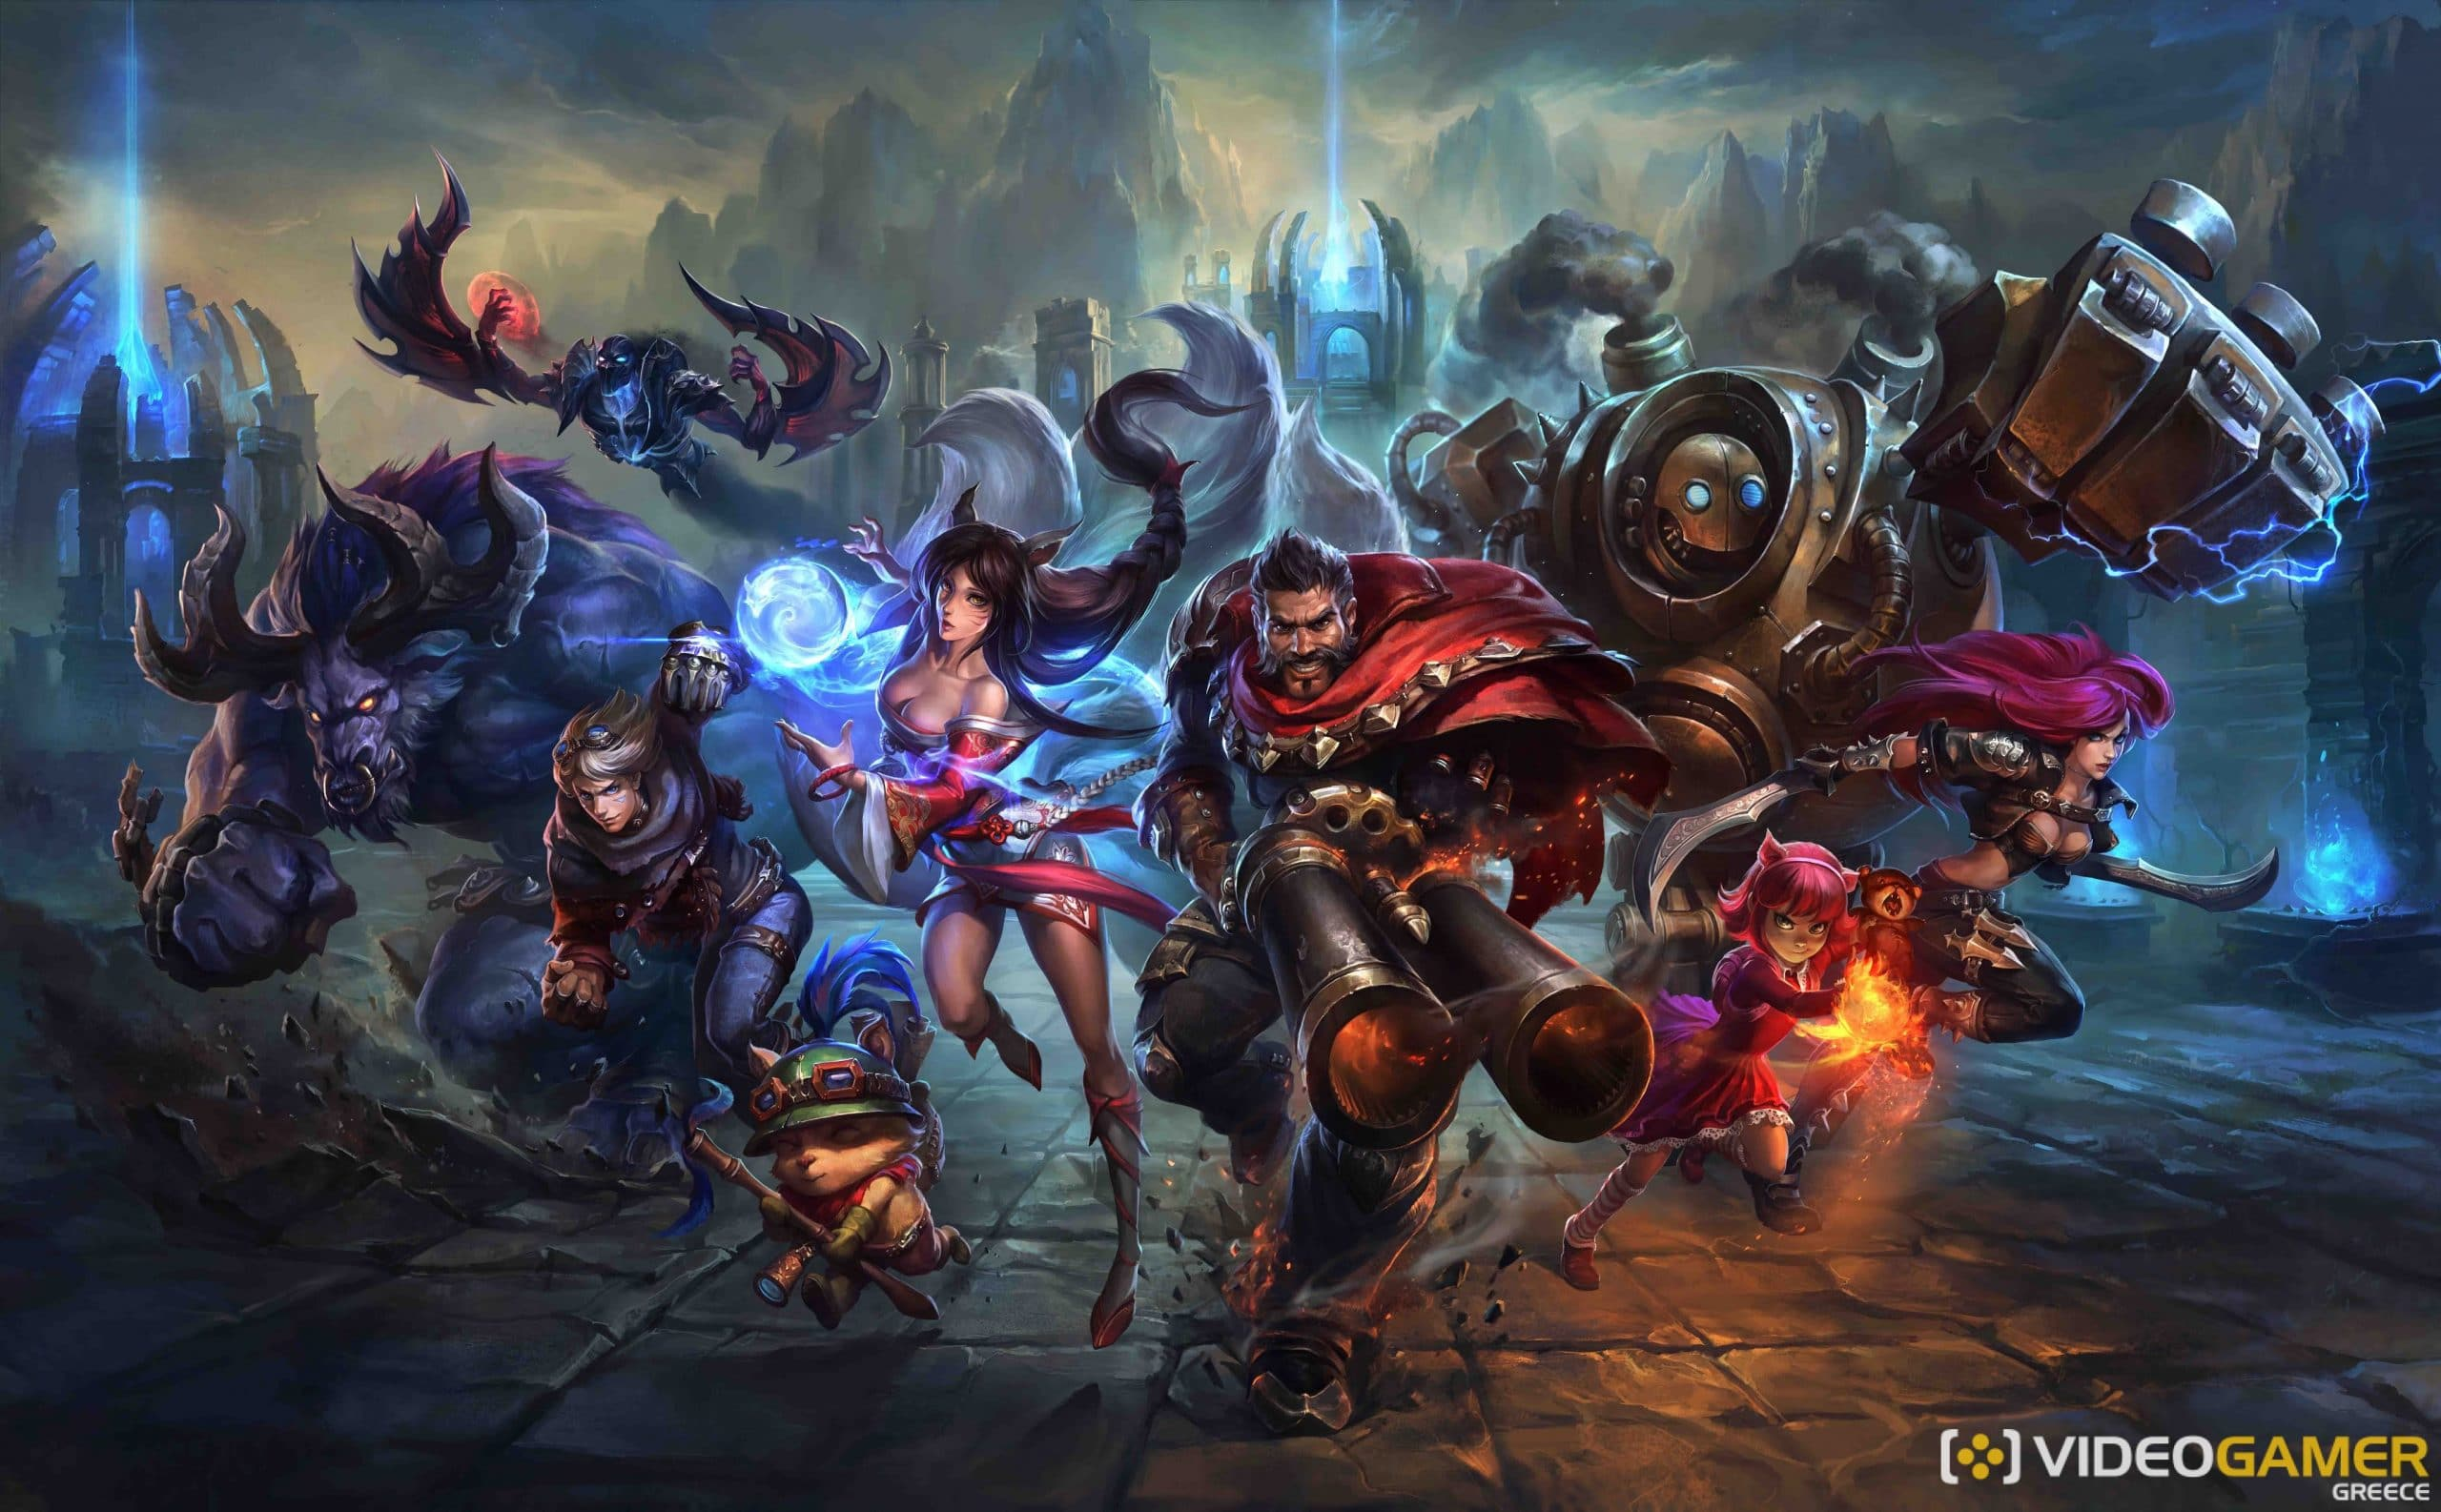 Το VideoGamer παίζει, 23 Ιουλίου 2016 - videogamer.gr